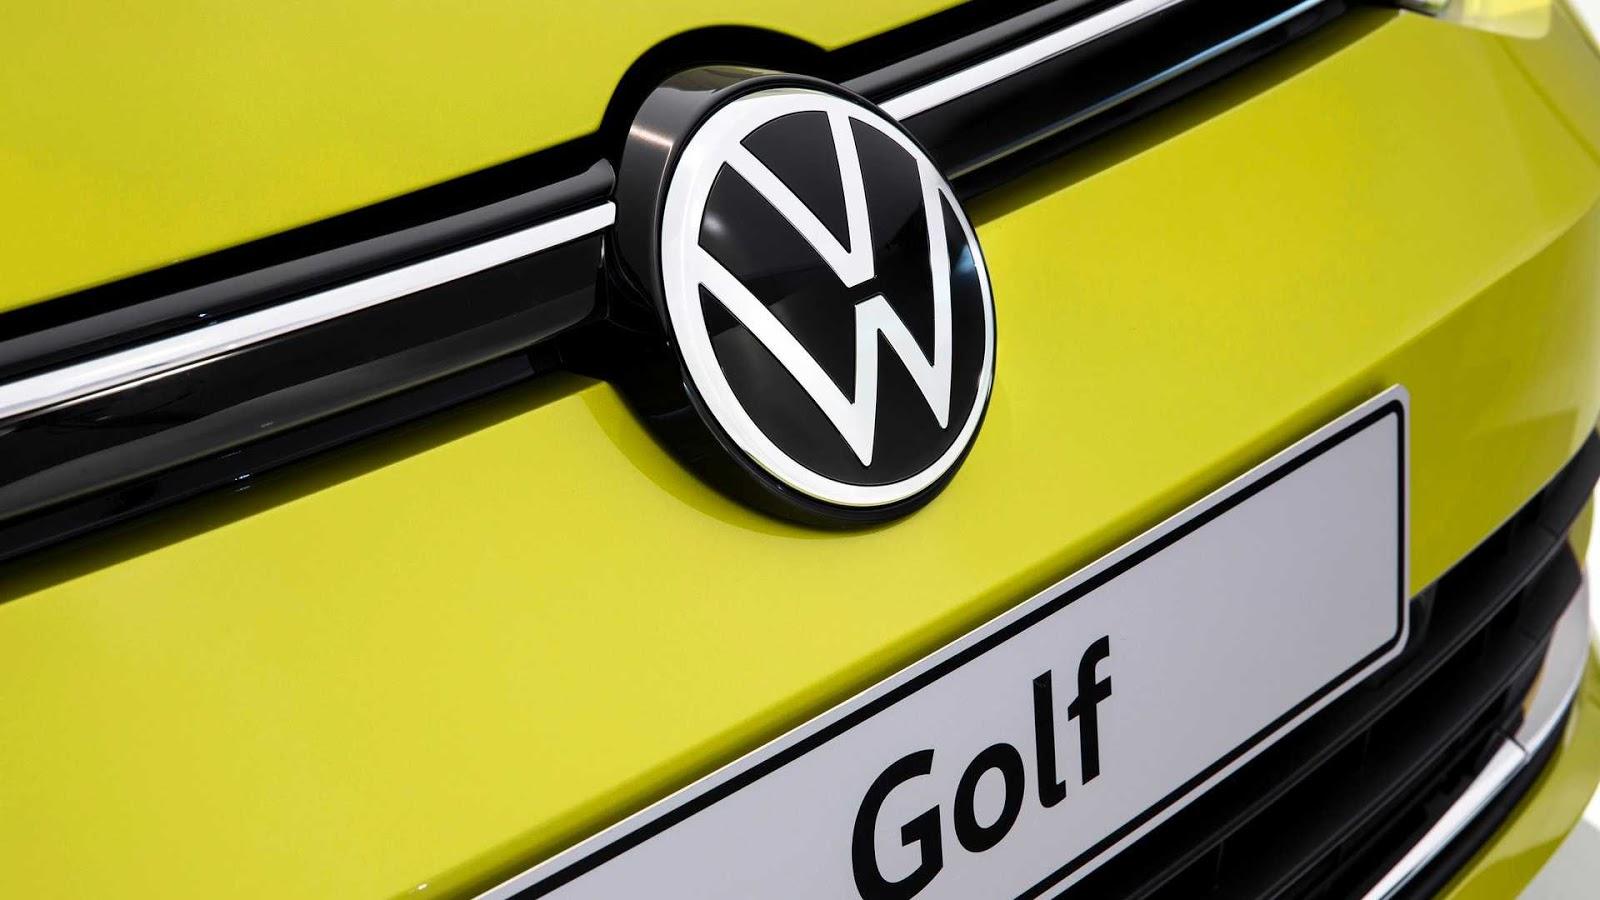 golf-8-prix-maroc-11